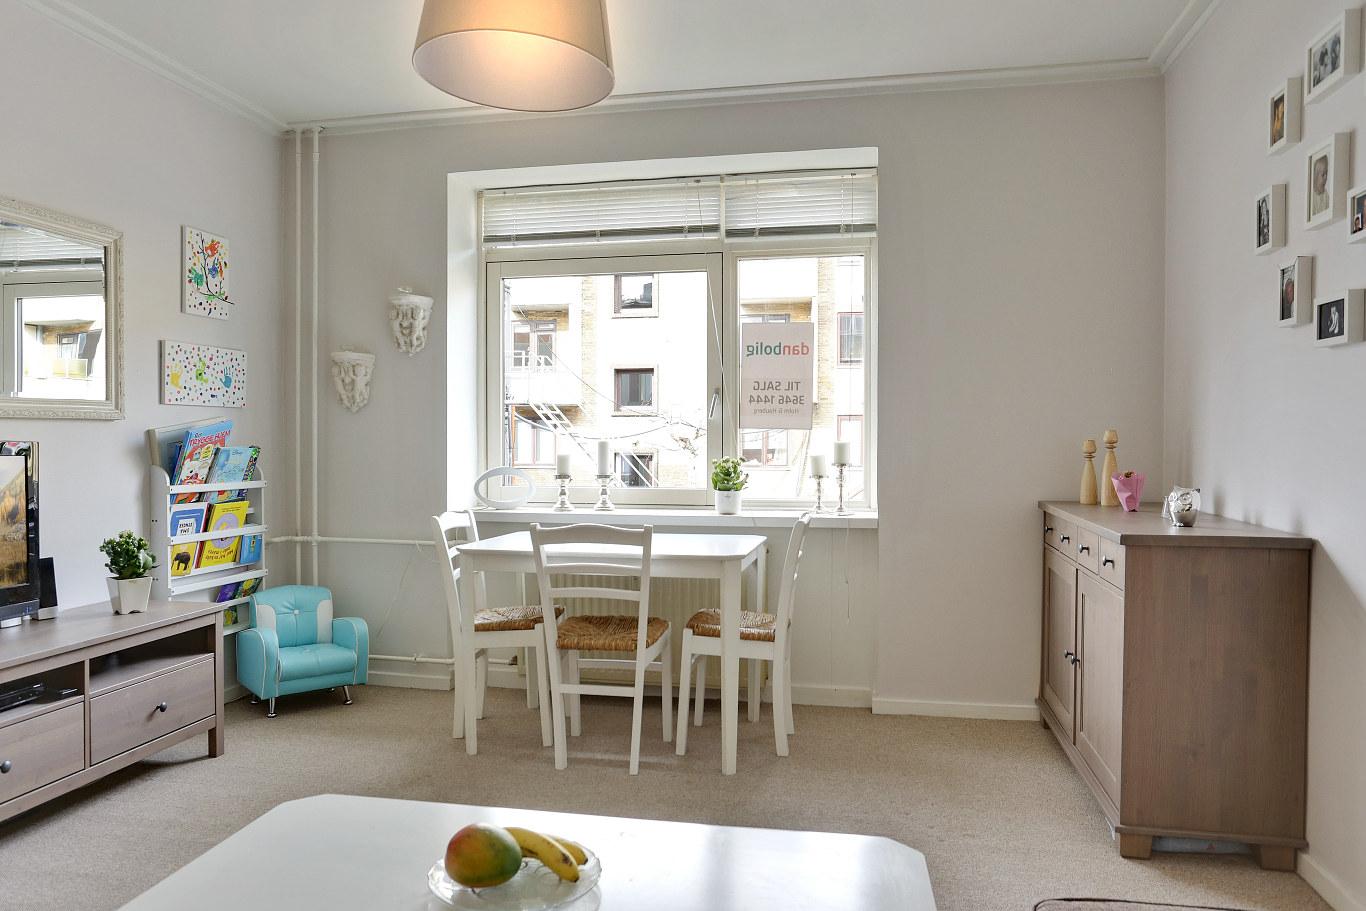 La realidad de los pisos peque os en los pa ses n rdicos for Decorar piso pequeno estilo nordico